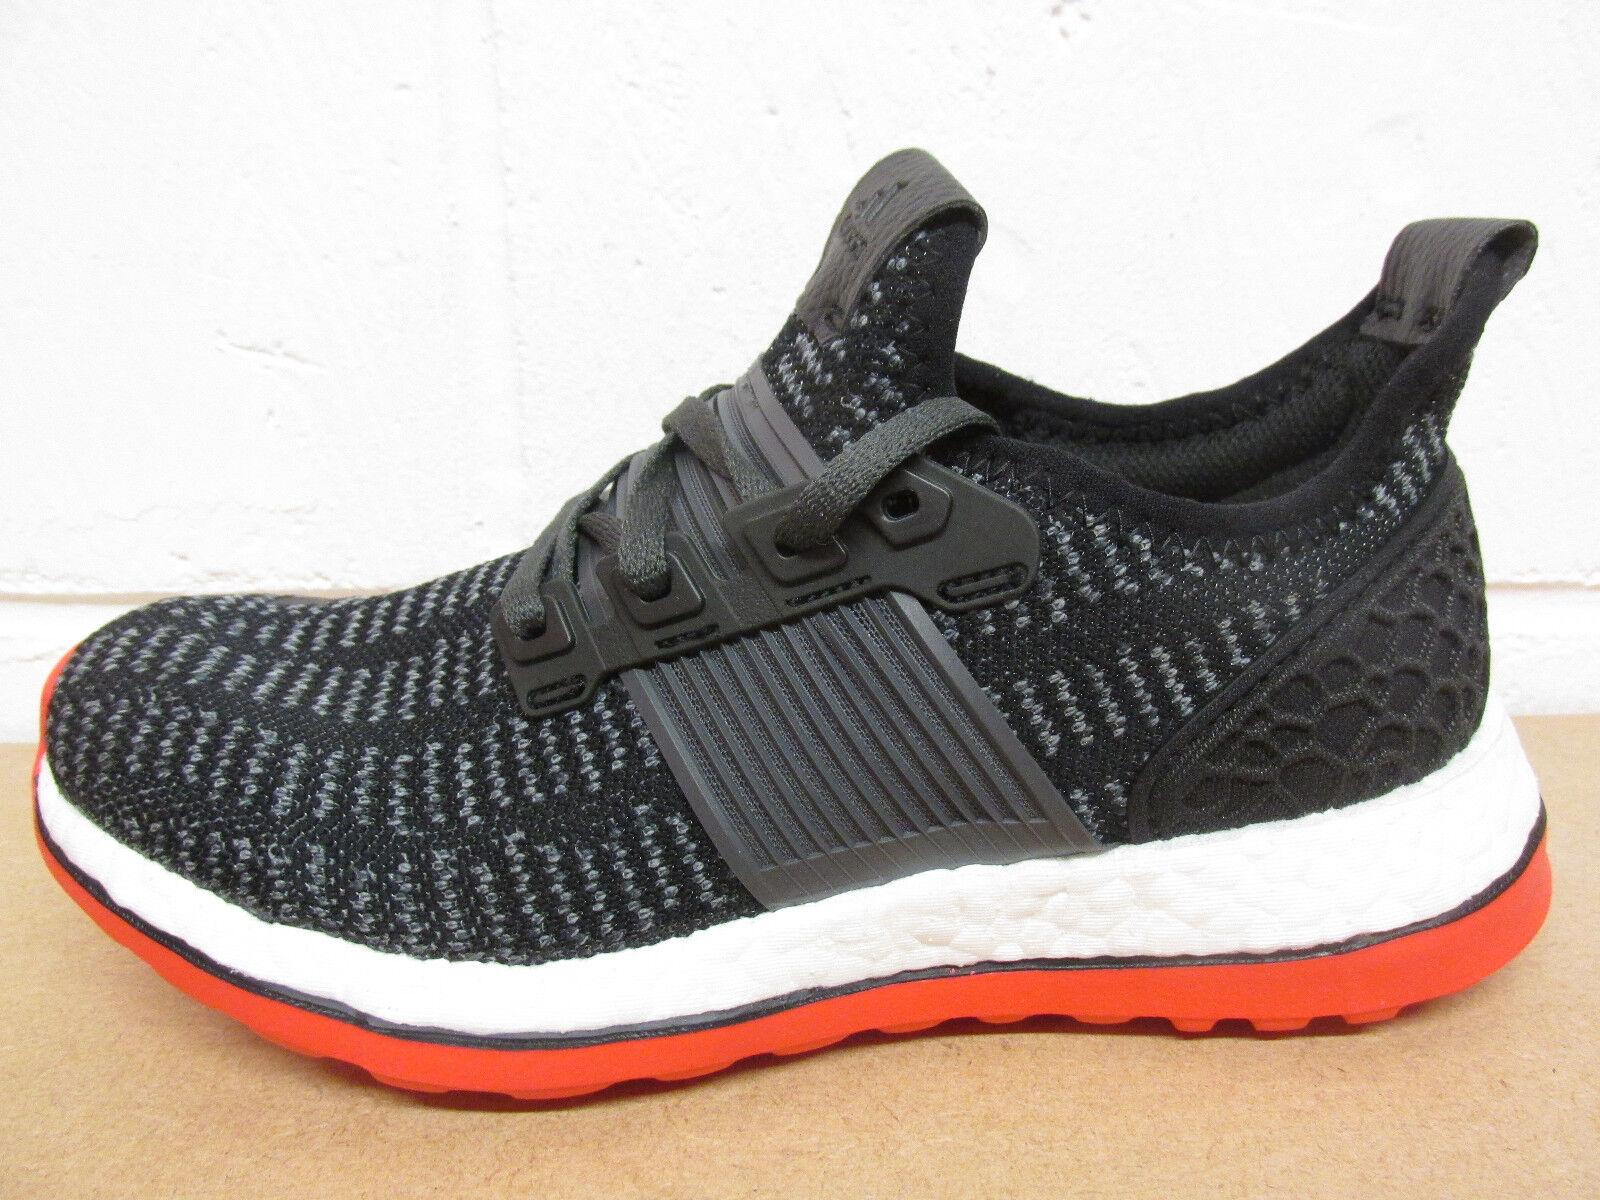 Adidas Pureboost Zg AQ2930 Prime Damen Laufschuh AQ2930 Zg Sneakers Sportschuhe 7dc82a